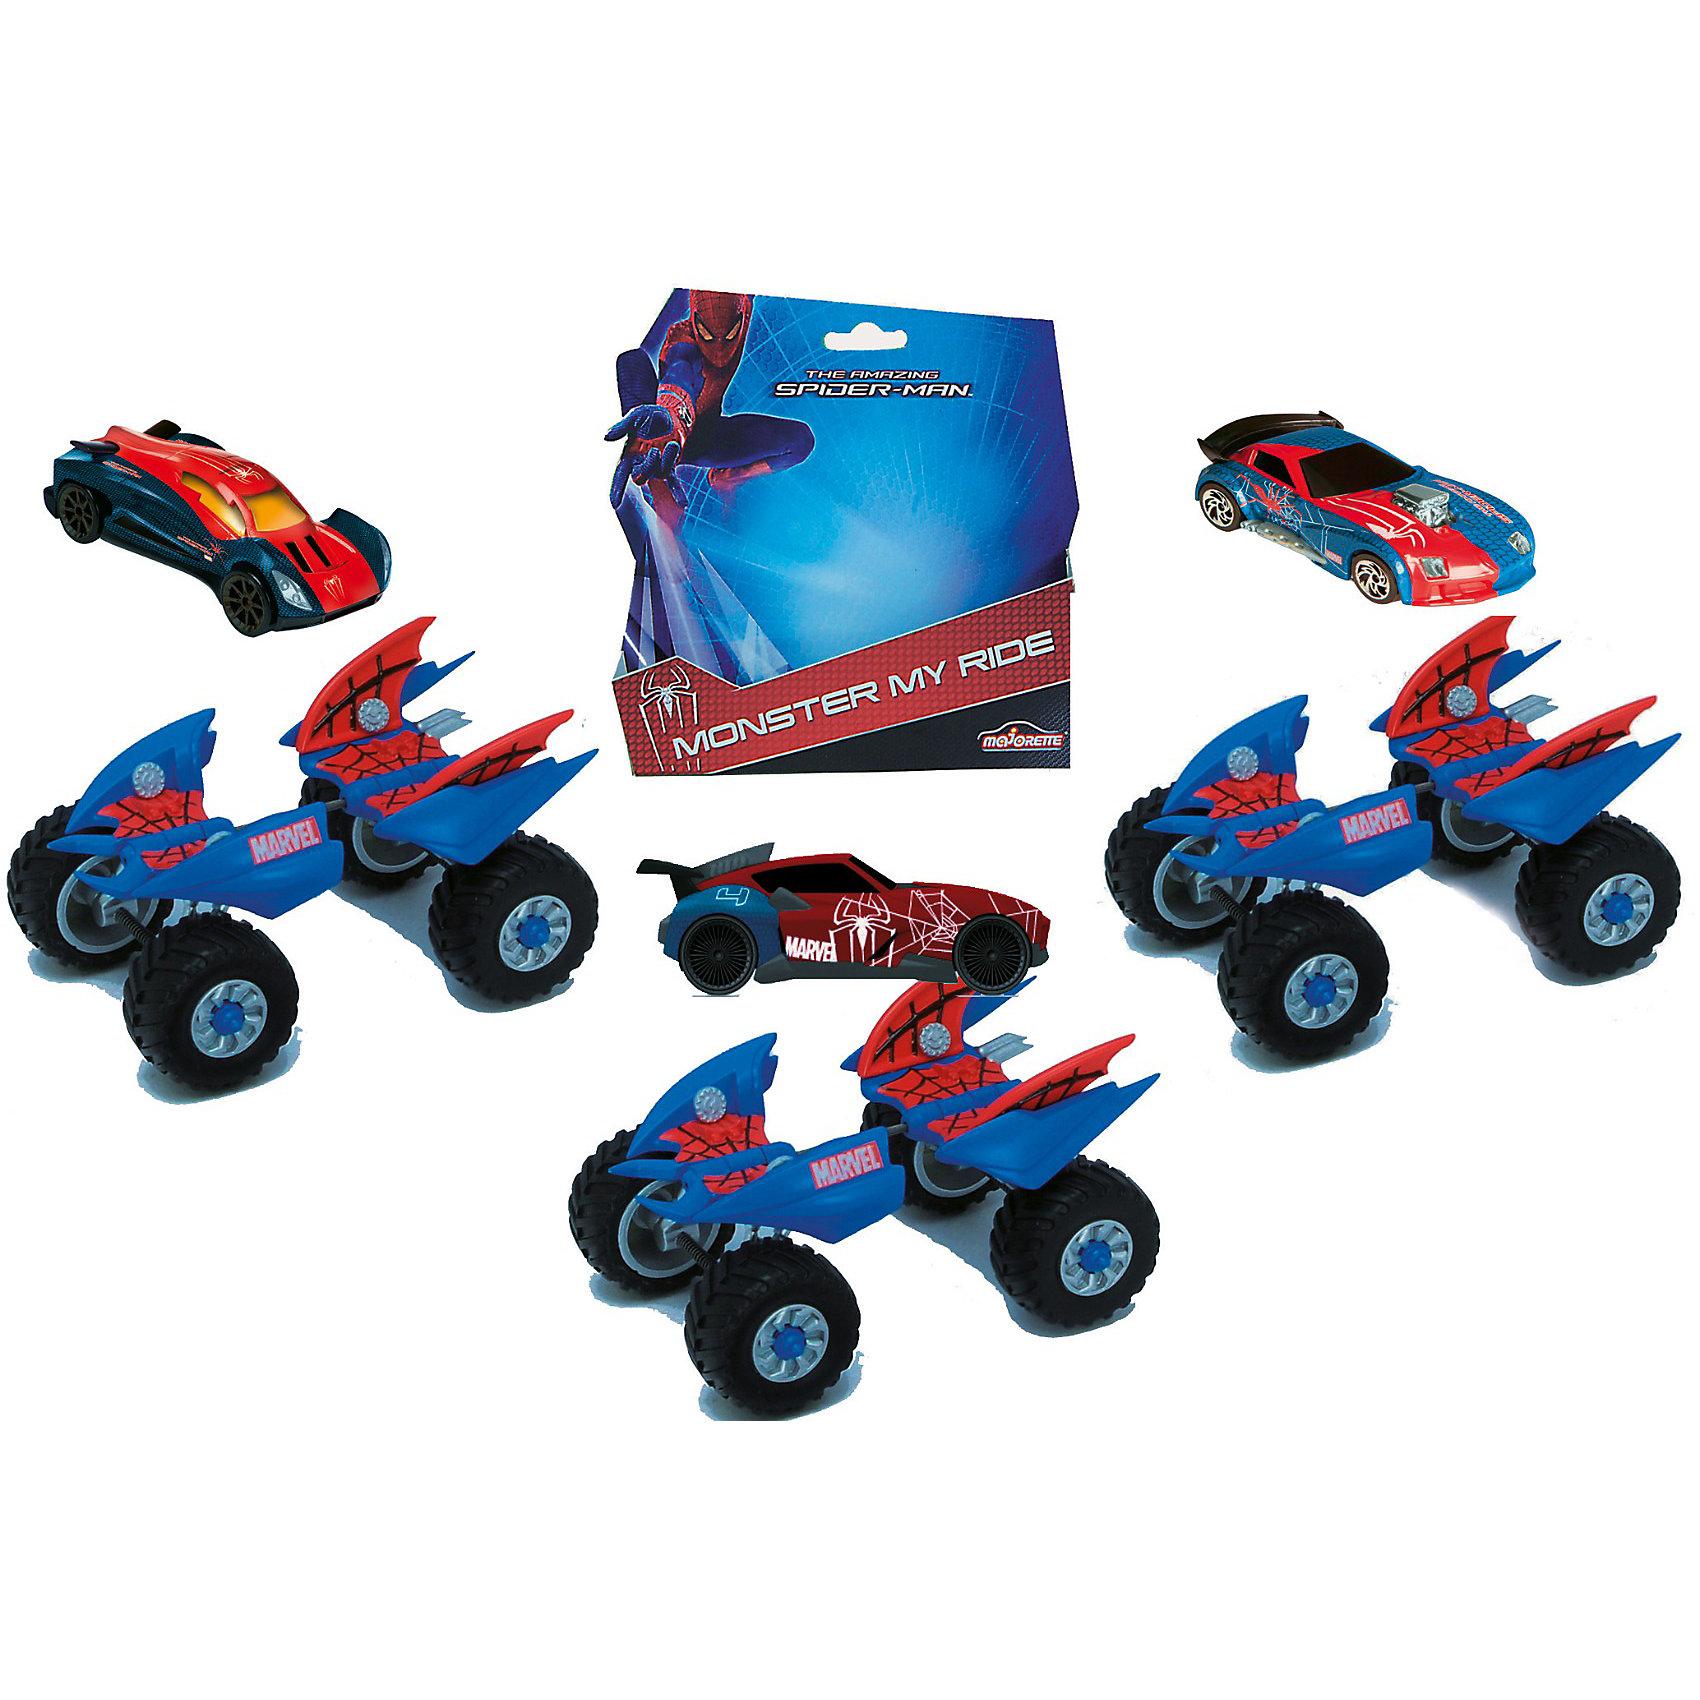 Автомобиль + шасси  1:64, Человек-ПаукАвтомобиль Spider-Man Dickie по мотивам фильма Человек-паук (Spider-Man) станет замечательным подарком для Вашего ребенка, особенно если он поклонник одноименного фильма.<br>В наборе 2 машинки, из которых можно собрать одну, установив маленькую машинку на машинку-платформу с шасси и мощными колесами. Таким образом, ребенок может играть двумя способами: легкая гоночная машинка или мощный внедорожник.<br><br>Дополнительная информация:<br><br>- Материал: металл.<br>- Размер маленькой машины: 7,5 см.<br>- Размер большой машины: 12 см.<br>- Вес: 0,223 кг.<br><br>ВНИМАНИЕ! Данный артикул имеется в наличии в разных цветовых исполнениях. К сожалению, заранее выбрать определенный цвет не возможно.<br><br>Автомобиль Spider-Man Dickie можно купить в нашем интернет-магазине.<br><br>Ширина мм: 175<br>Глубина мм: 97<br>Высота мм: 178<br>Вес г: 223<br>Возраст от месяцев: 36<br>Возраст до месяцев: 1164<br>Пол: Унисекс<br>Возраст: Детский<br>SKU: 2427810